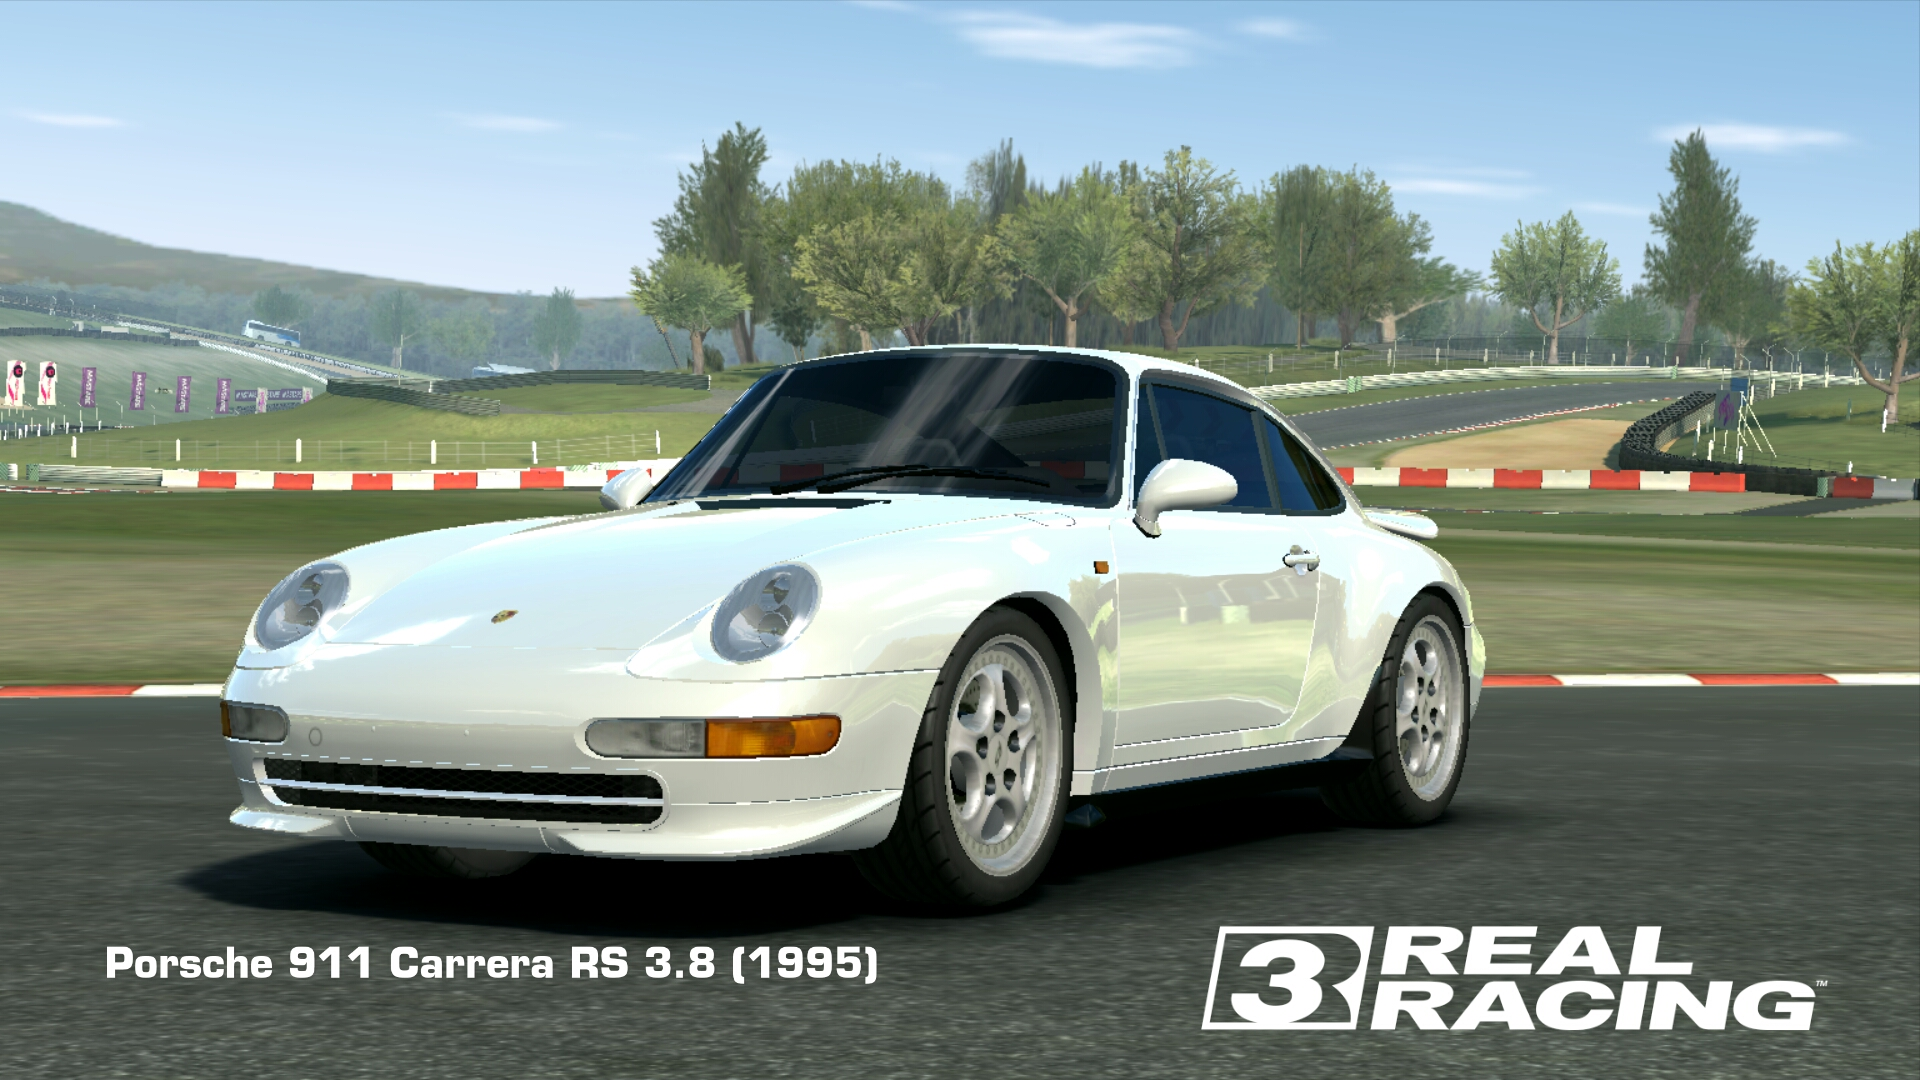 porsche 911 carrera rs 3 8 1995 real racing 3. Black Bedroom Furniture Sets. Home Design Ideas